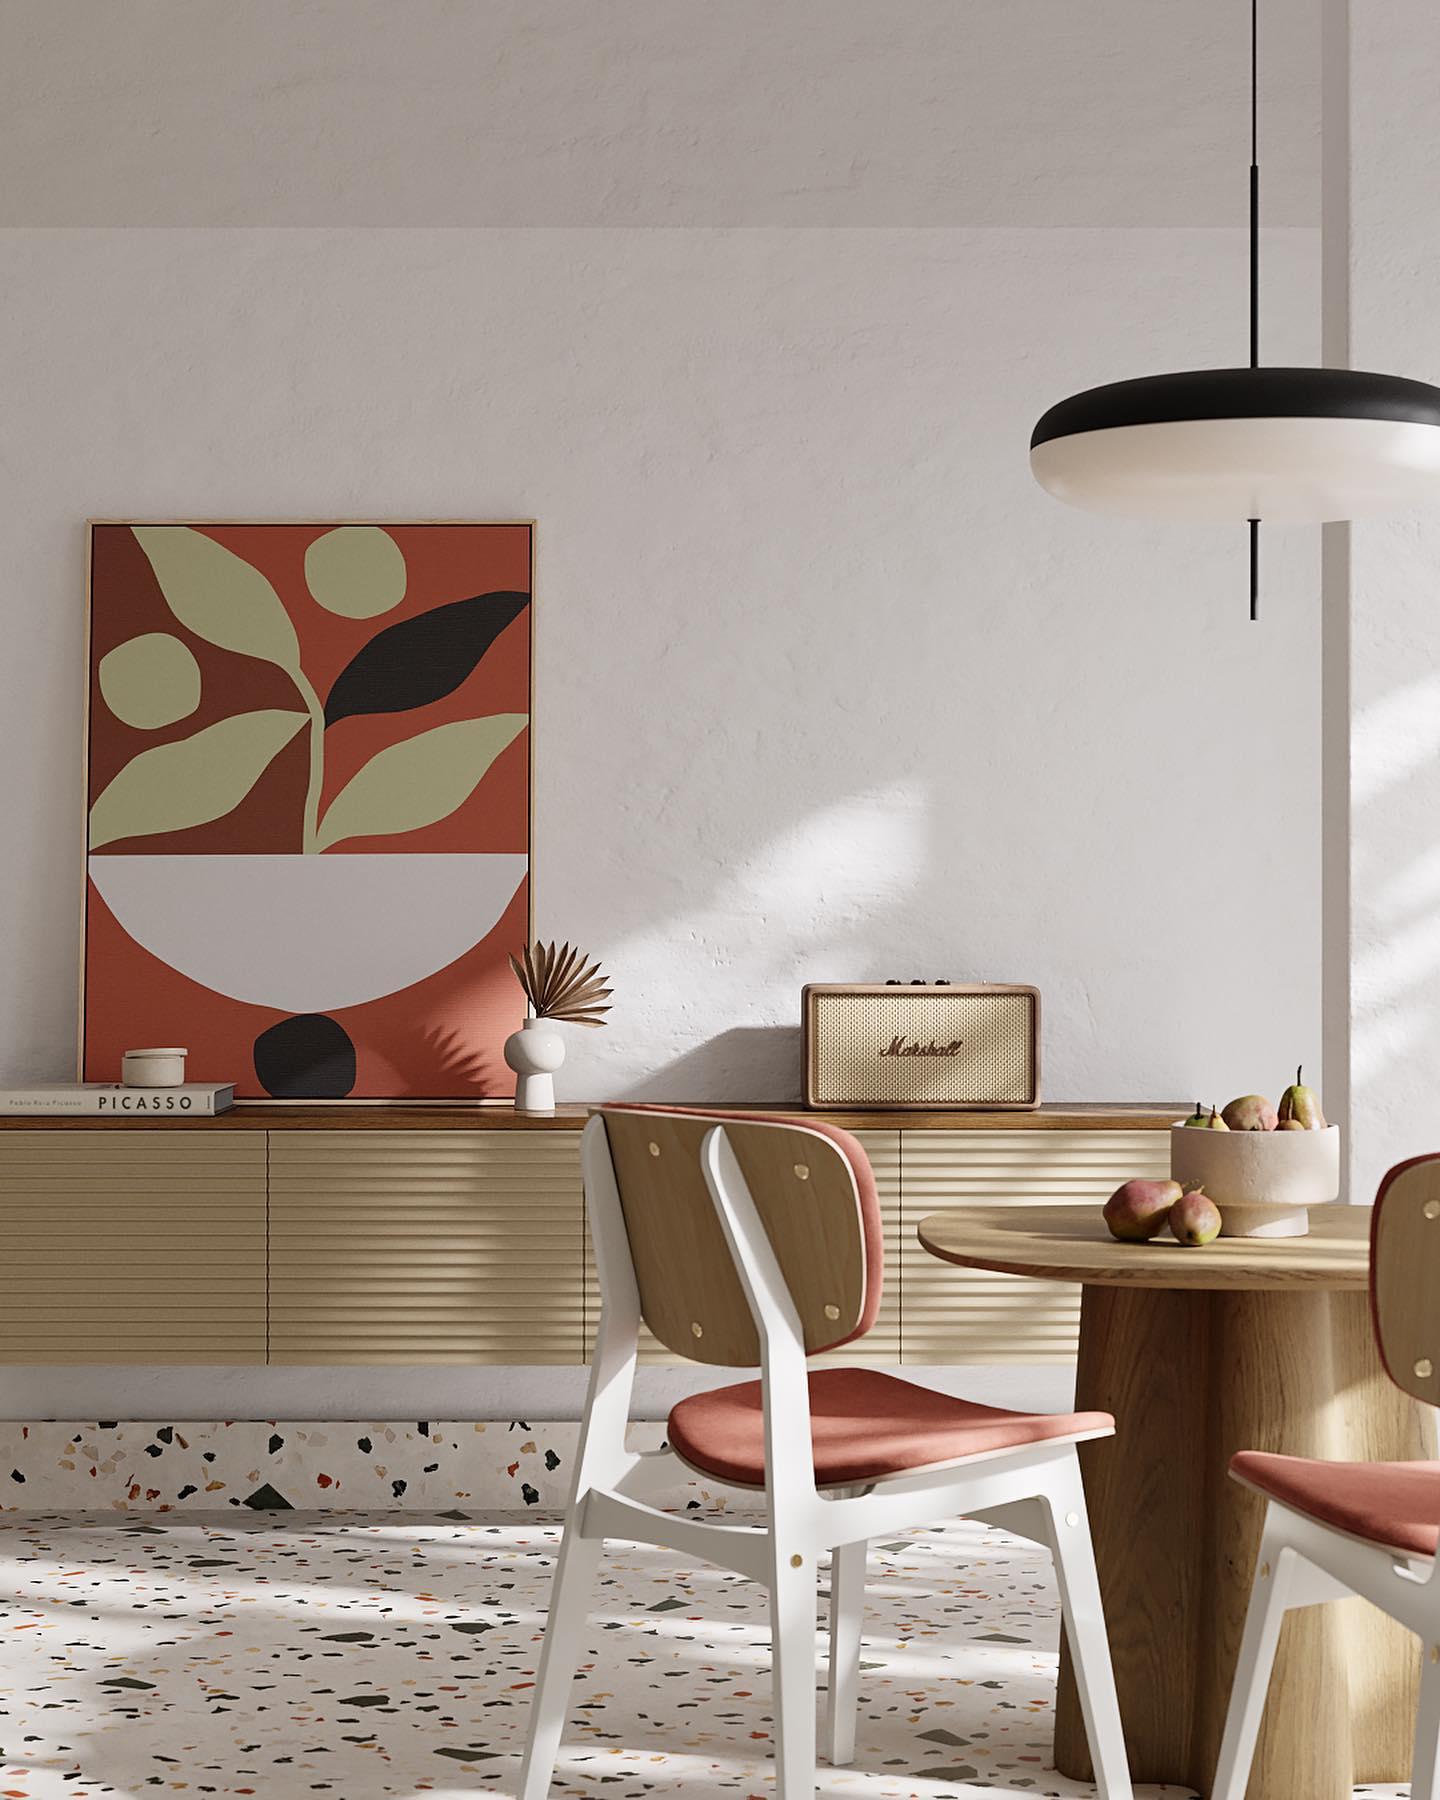 Вопрос ко всем, кто подписан на нас и следит за обновлениями: стоит ли нам показывать вам яркие, насыщенные цветом интерьерные решения с нашей мебелью? Или спокойные оттенки и минимализм — это то, что нужно?    Будем рады любому мнению!   Наша мебель вписывается в разный дизайн — коллекцию Code любят те, кому близком минимал, граничащий с аскетизмом, но она может быть к месту и среди винтажного декора, и в эклектике. Все зависит от цвета эмали и вашей фантазии.    Вот пример: подвесная тумба HR10 и уютное ретро.  Тумба доступна для заказа на сайте (ссылка в профиле).    ✔️Хотите увидеть мебель своими глазами и оценить качество?  Наша мебель представлена в шоурумах в Москве, Санкт-Петербурге, Сочи, Рязани, Улан-Уде, Ижевске, Нижнем Новгороде, Чебоксарах, Красноярске, Иркутске, Челябинске, Самаре и Новосибирске.